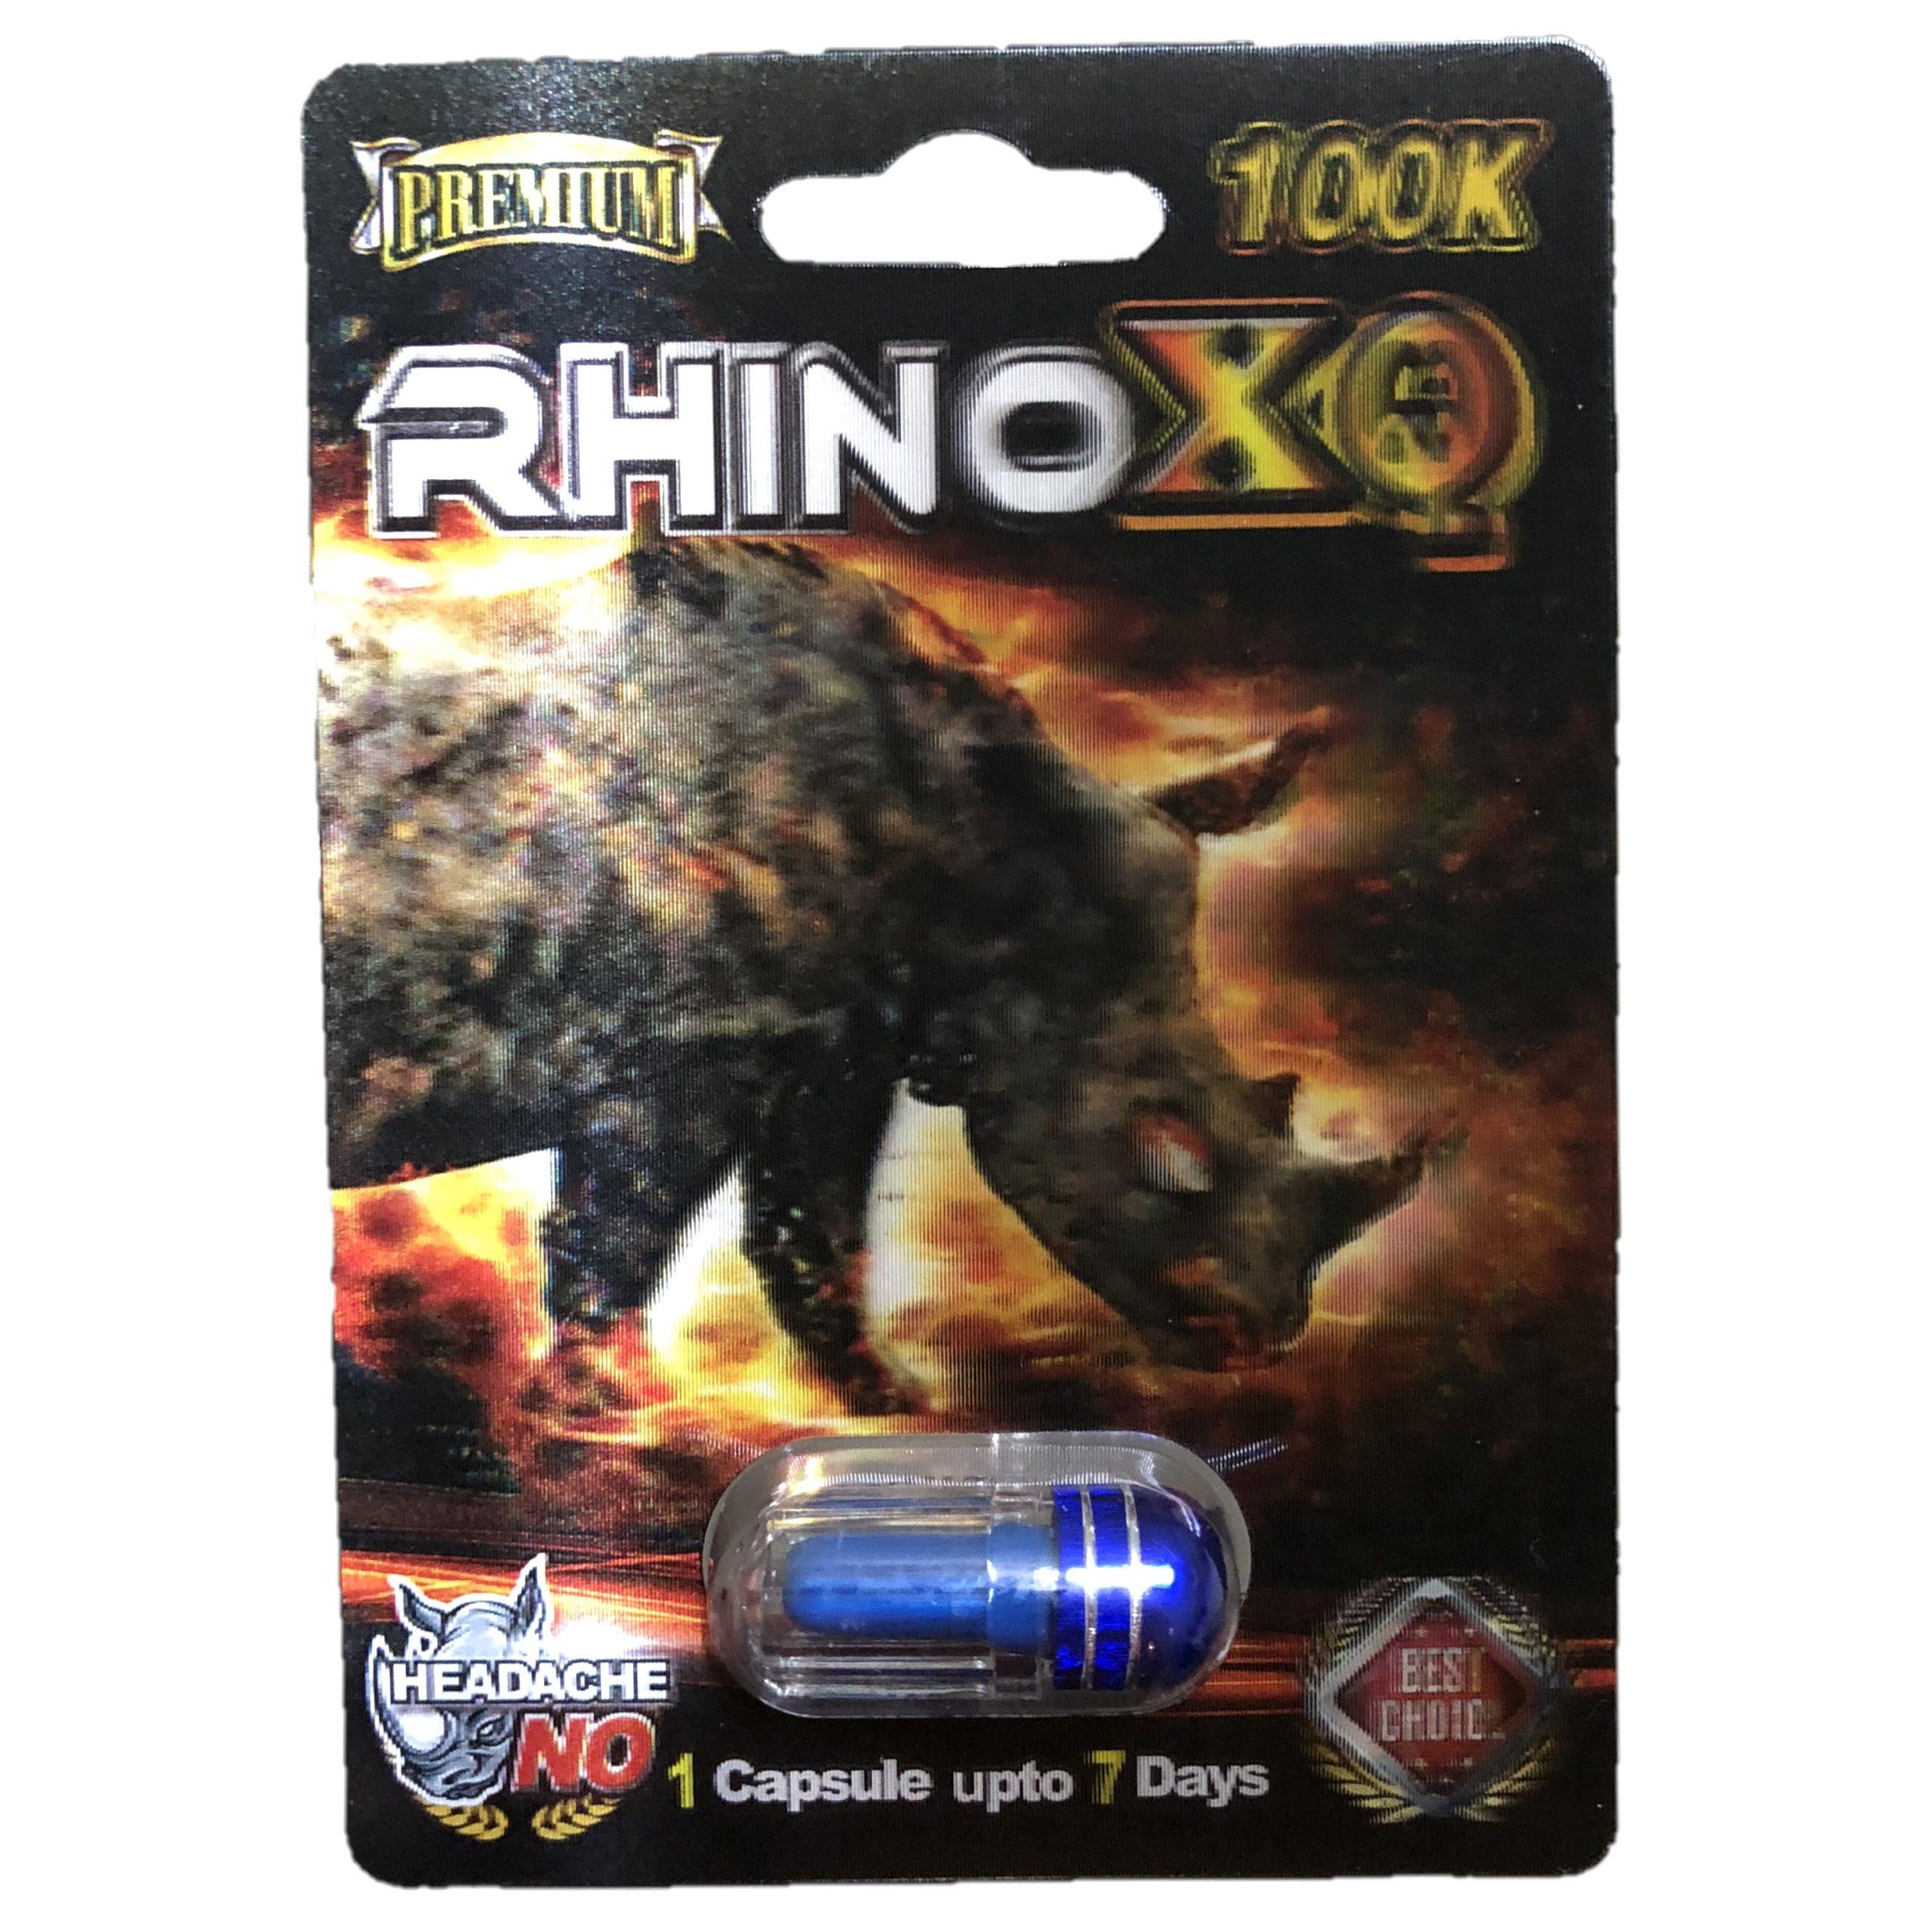 Rhino XQ 100K 5 Pill Pack